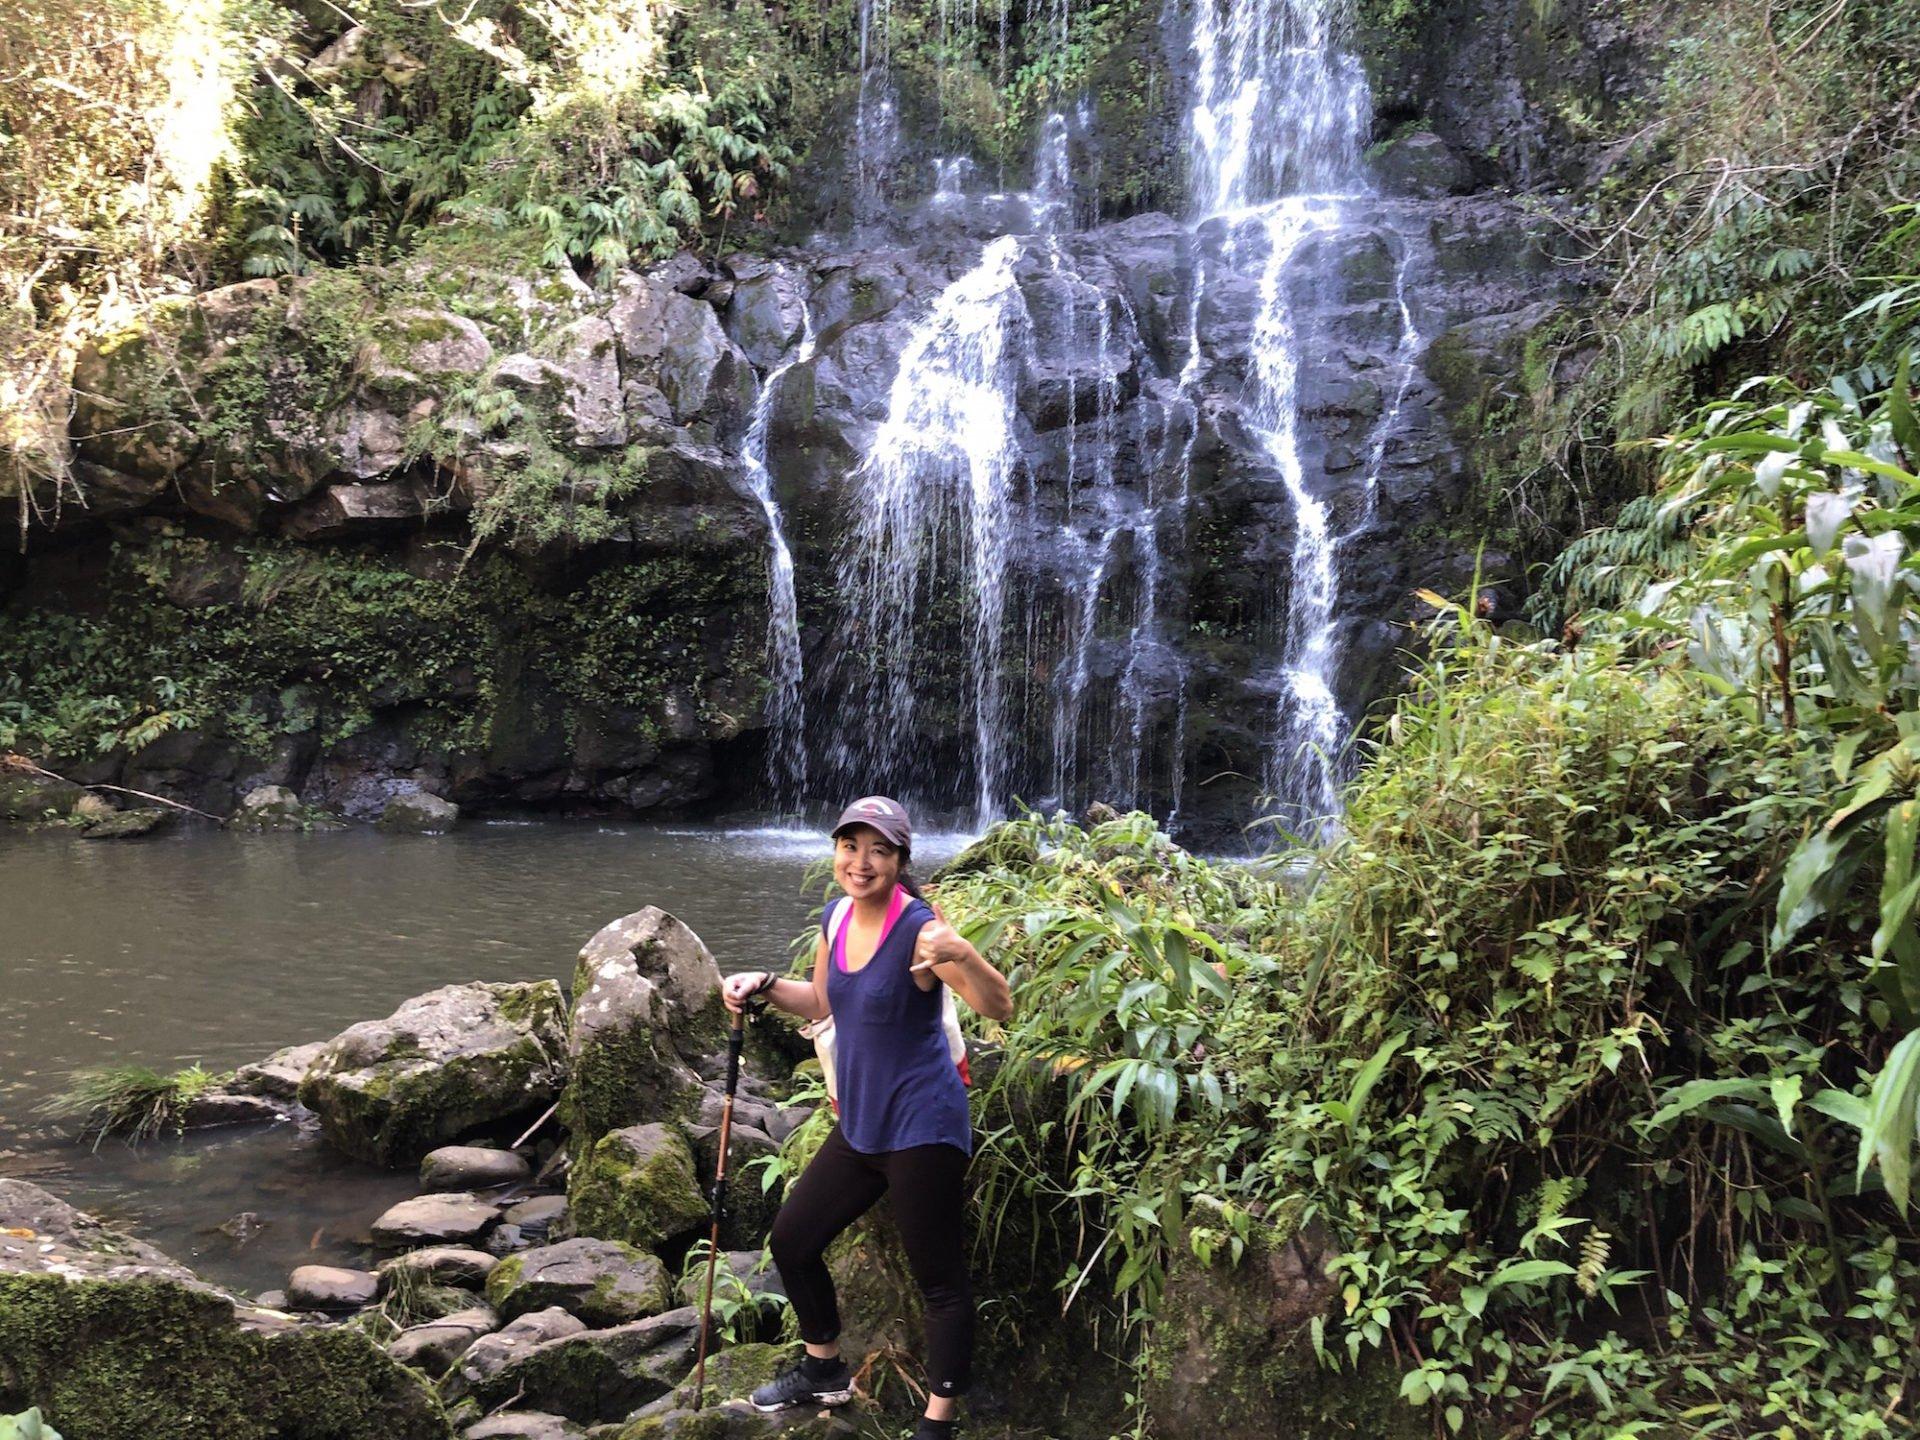 Renee Tsang hiking at foot of waterfall in Hawaii